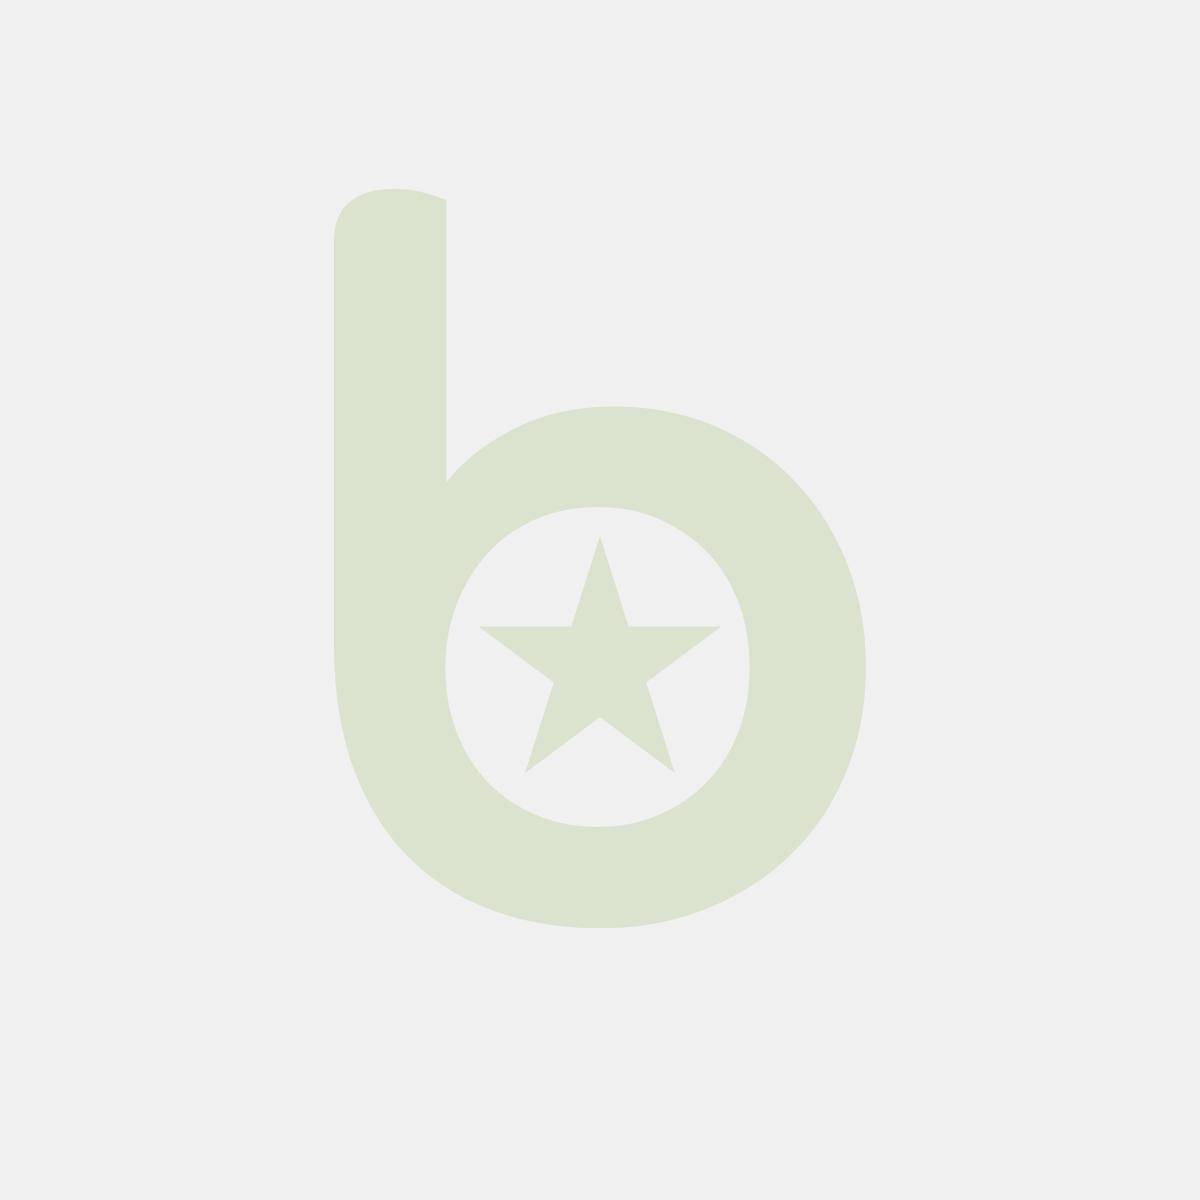 Sznurek gałka konopna, Jumatex, 0,5kg